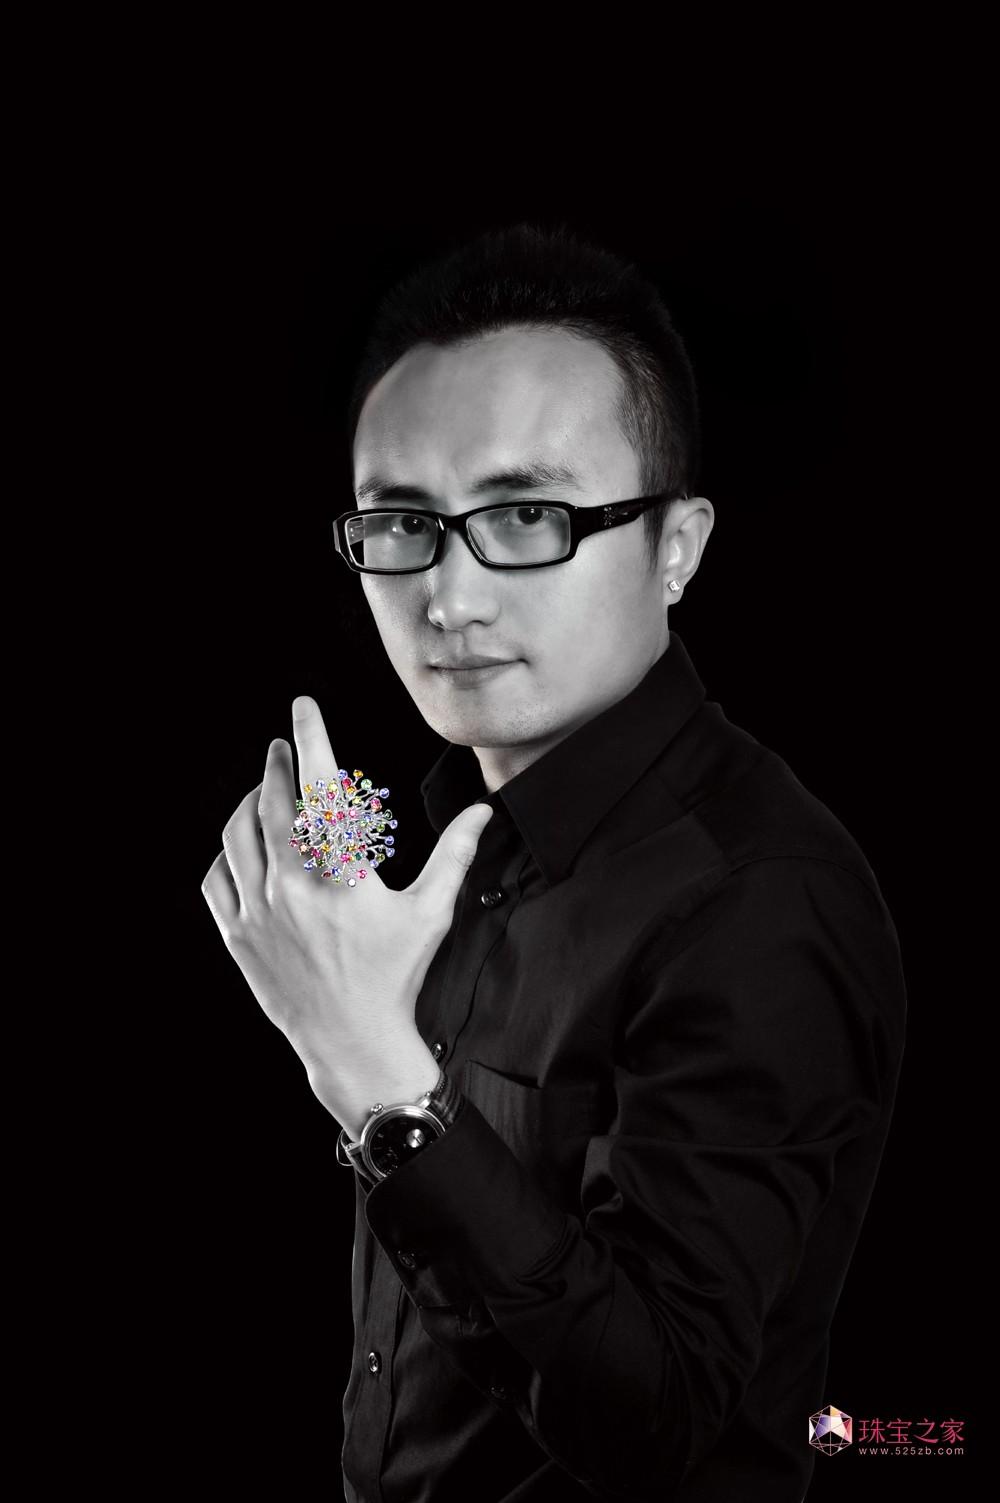 珠寶之家:您是怎么開始做藝術珠寶的? 潘焱:對于藝術珠寶的熱愛我是從參加設計大賽開始慢慢喜歡上那些原創的有藝術文化價值的珠寶首飾。珠寶首飾不僅是一種貴重稀有產品,而且也是可以流傳百世的古董首飾?;谝陨蠋c對珠寶首飾的藝術價值和工藝要求就顯得更加嚴格和考究了。